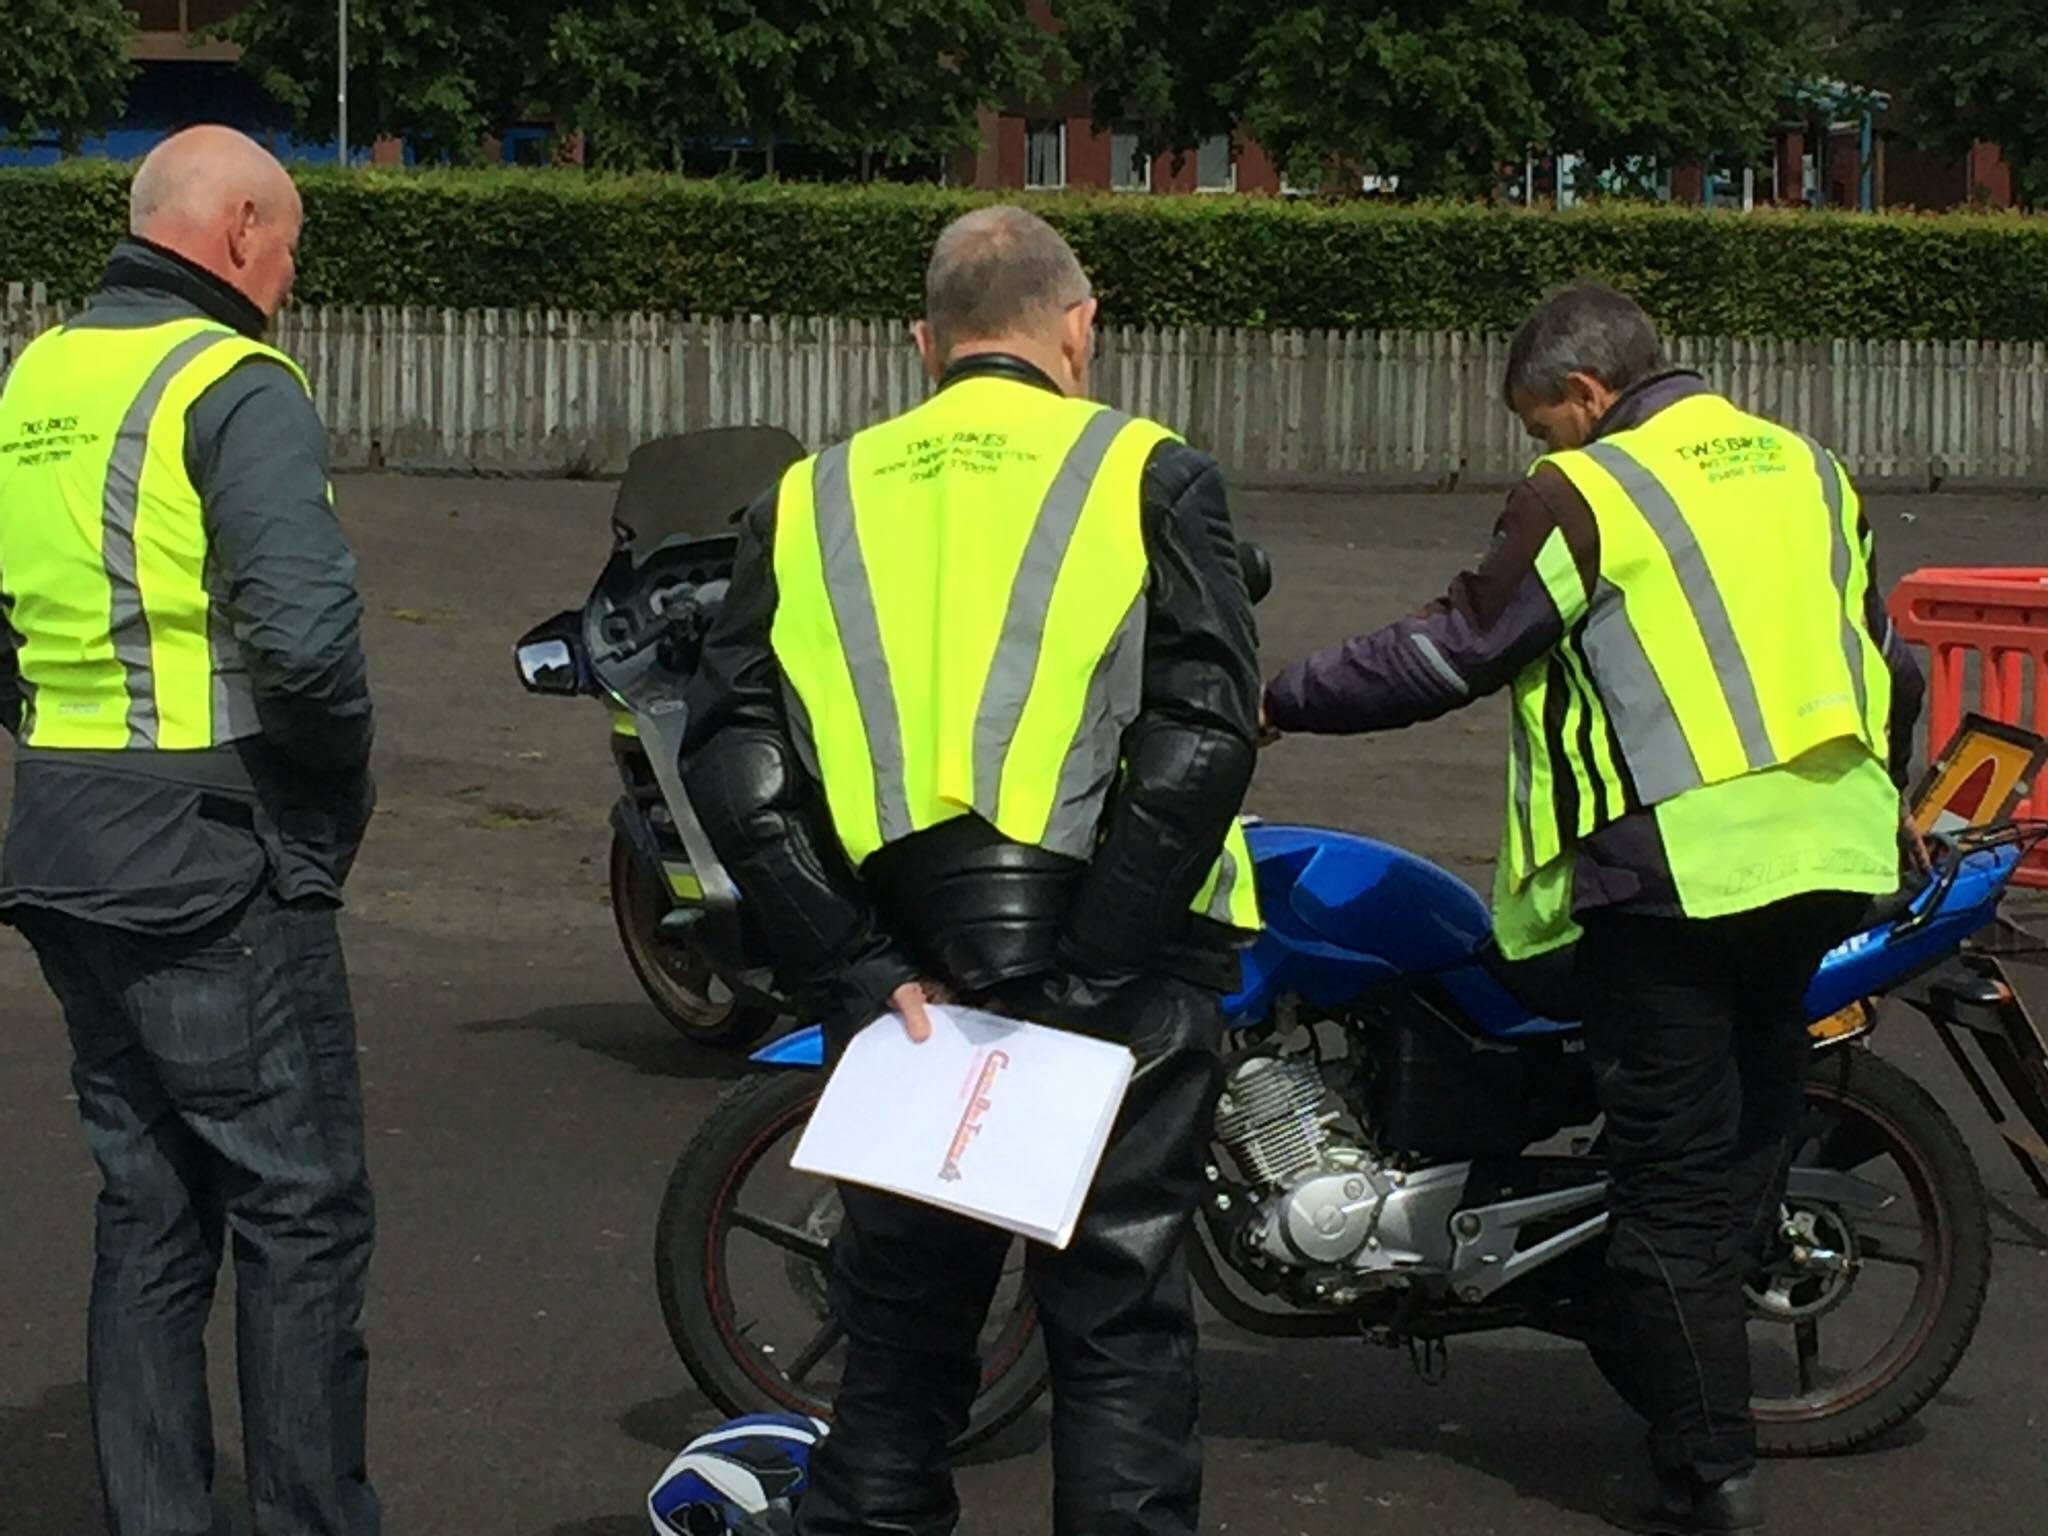 Motorbike courses